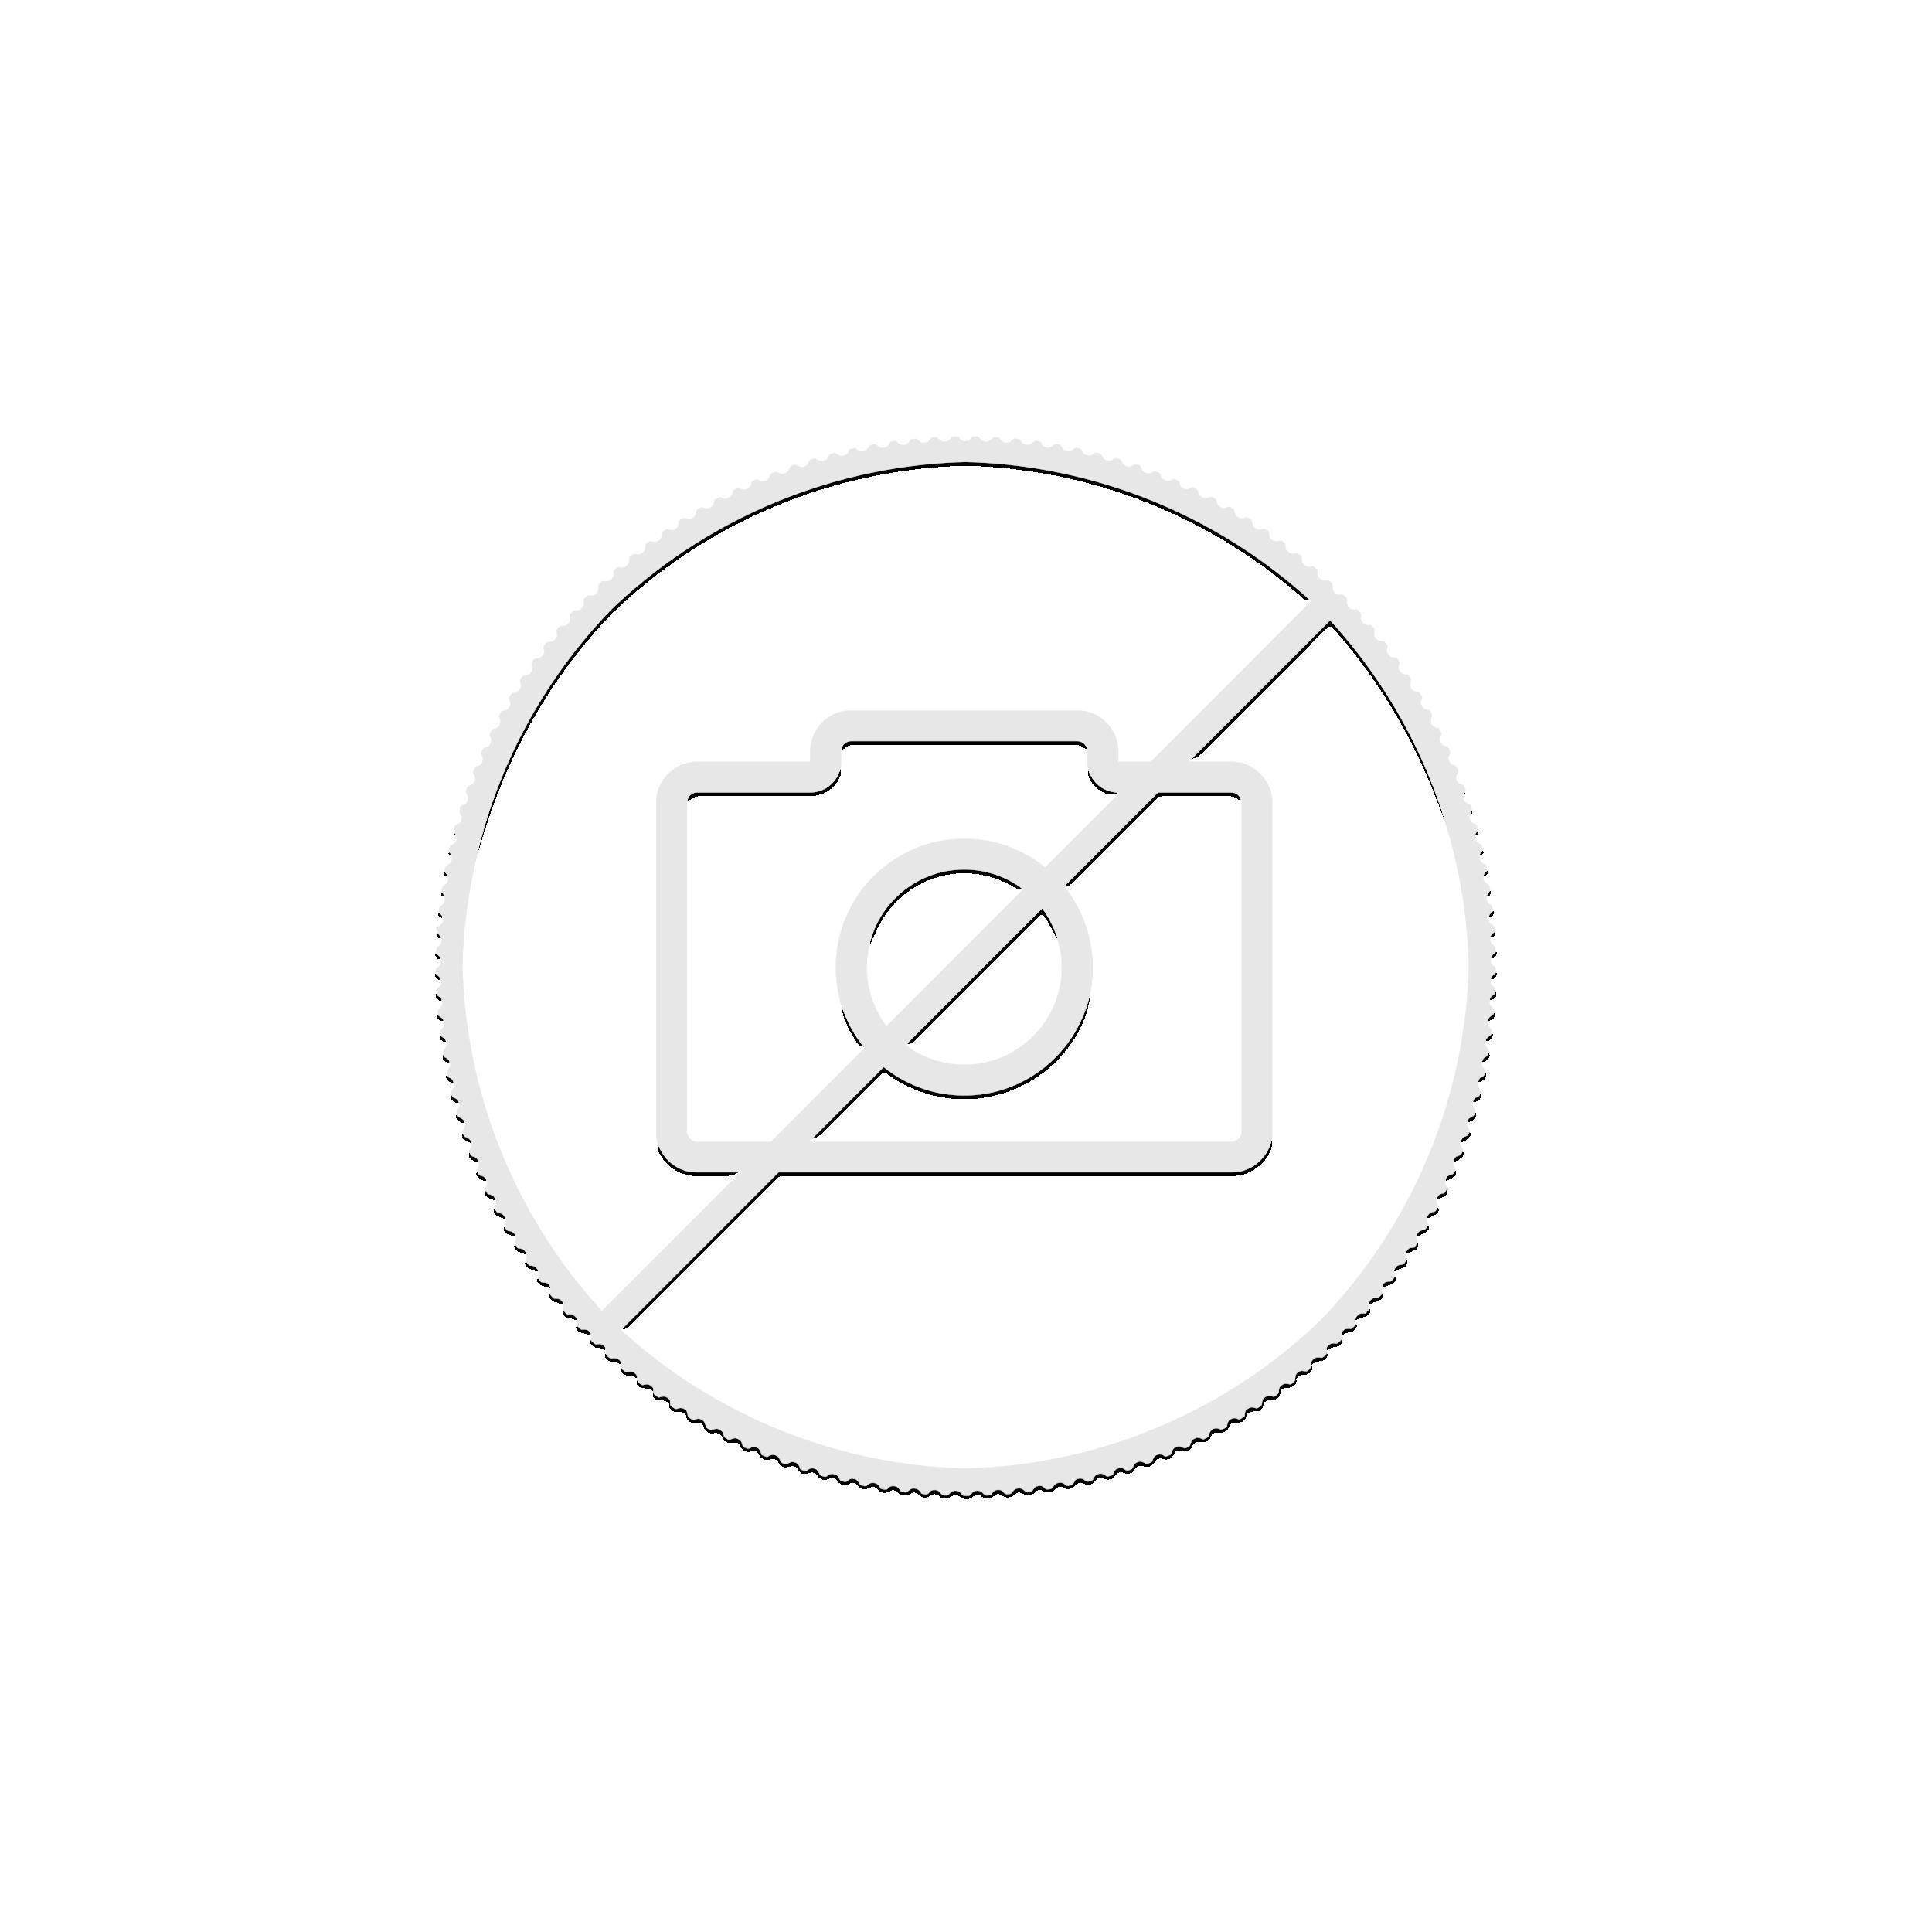 1 troy ounce zilver Panda munt